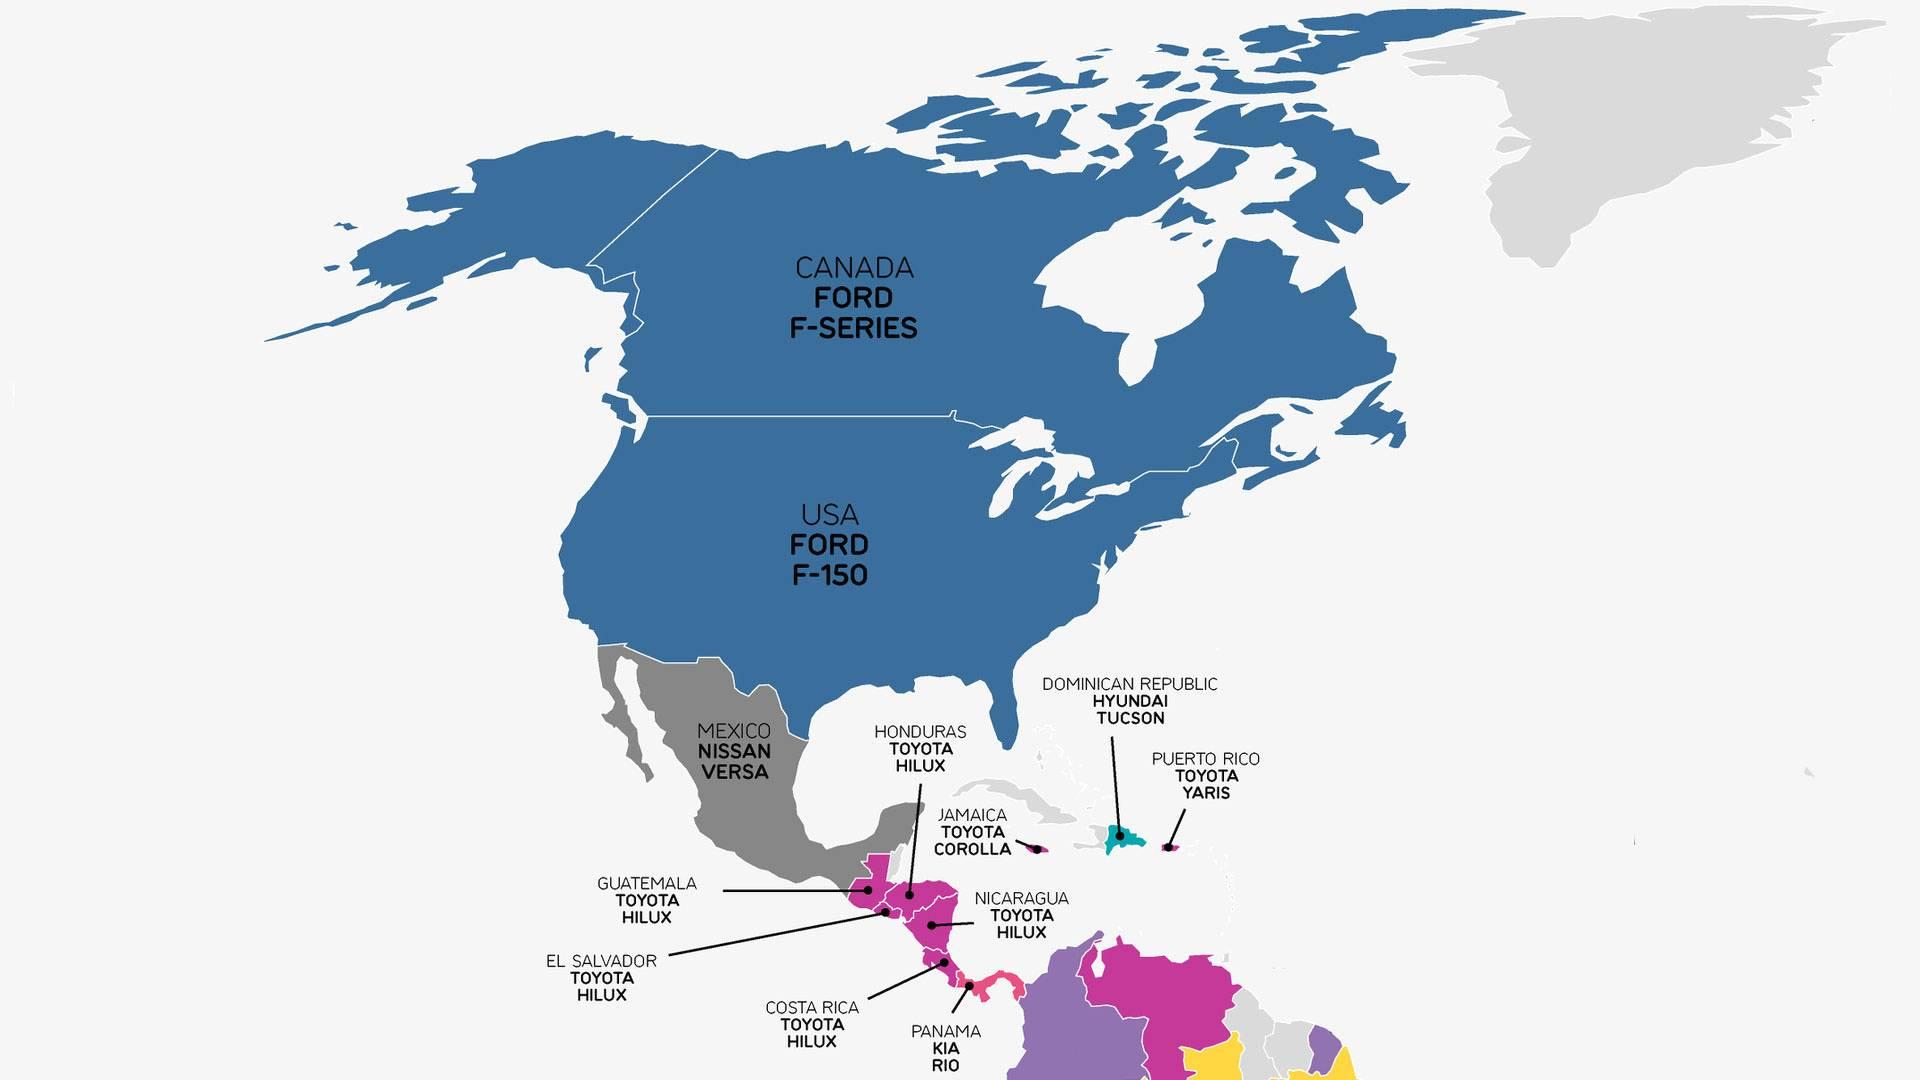 Mapa Mundi Mostra Os Carros Mais Vendidos Em Cada Pas 2016 Toyotas Hilux Usados En Guatemala